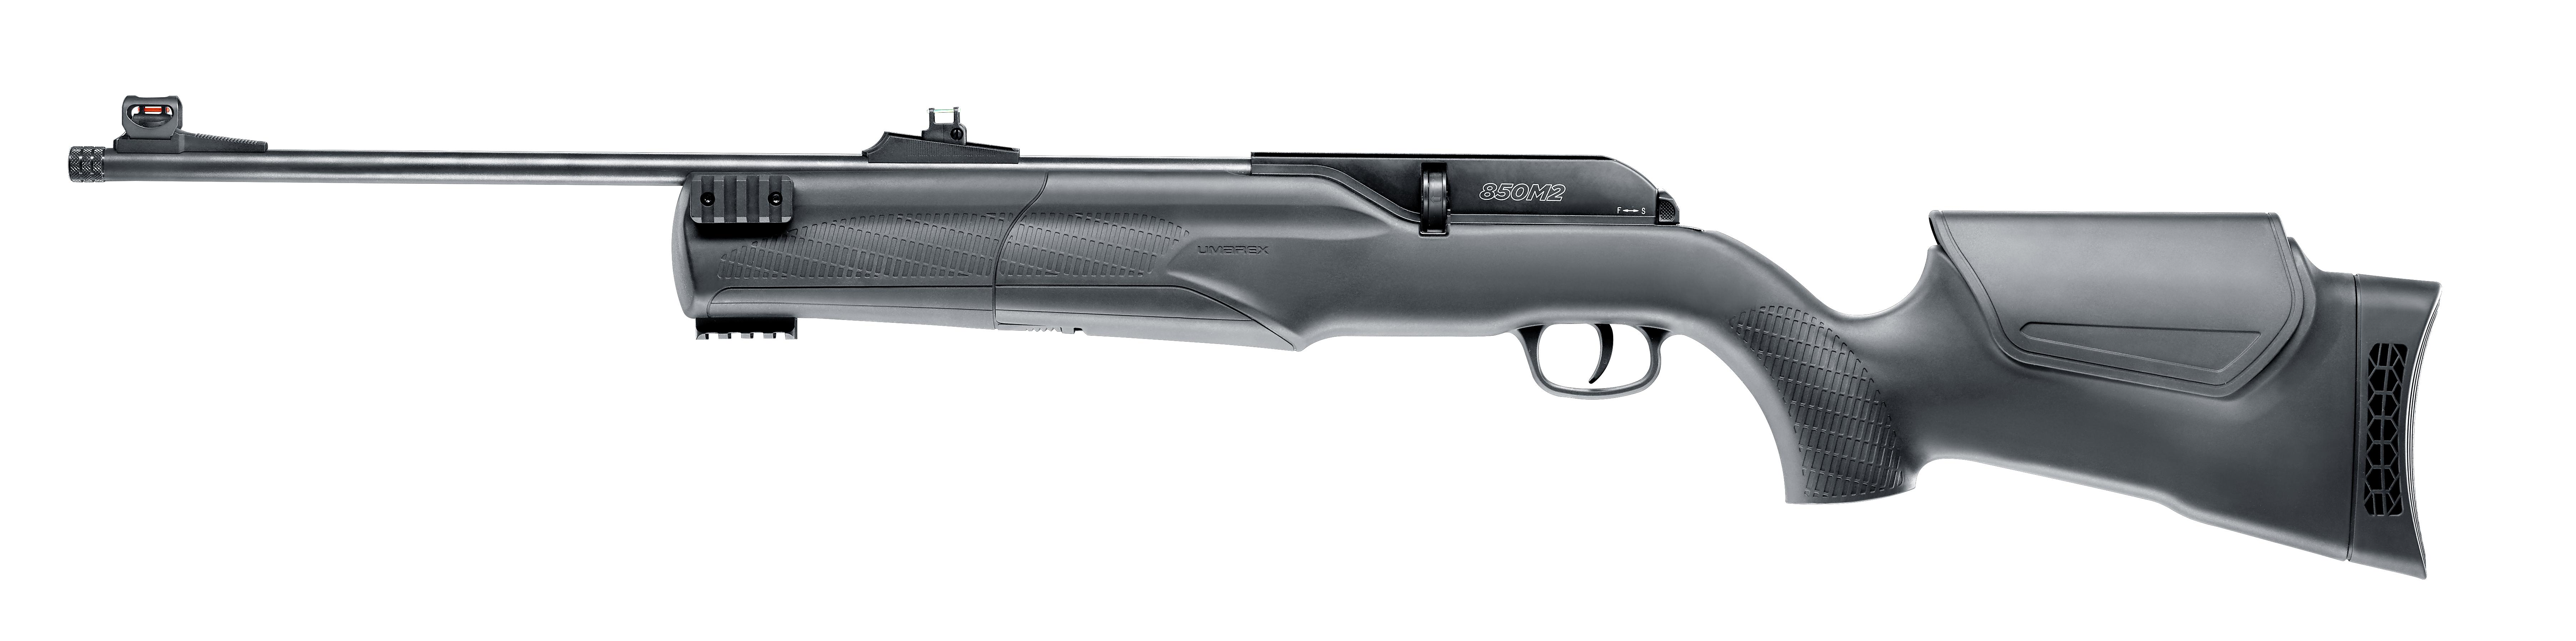 UMAREX CO2 Airgun 850 M2